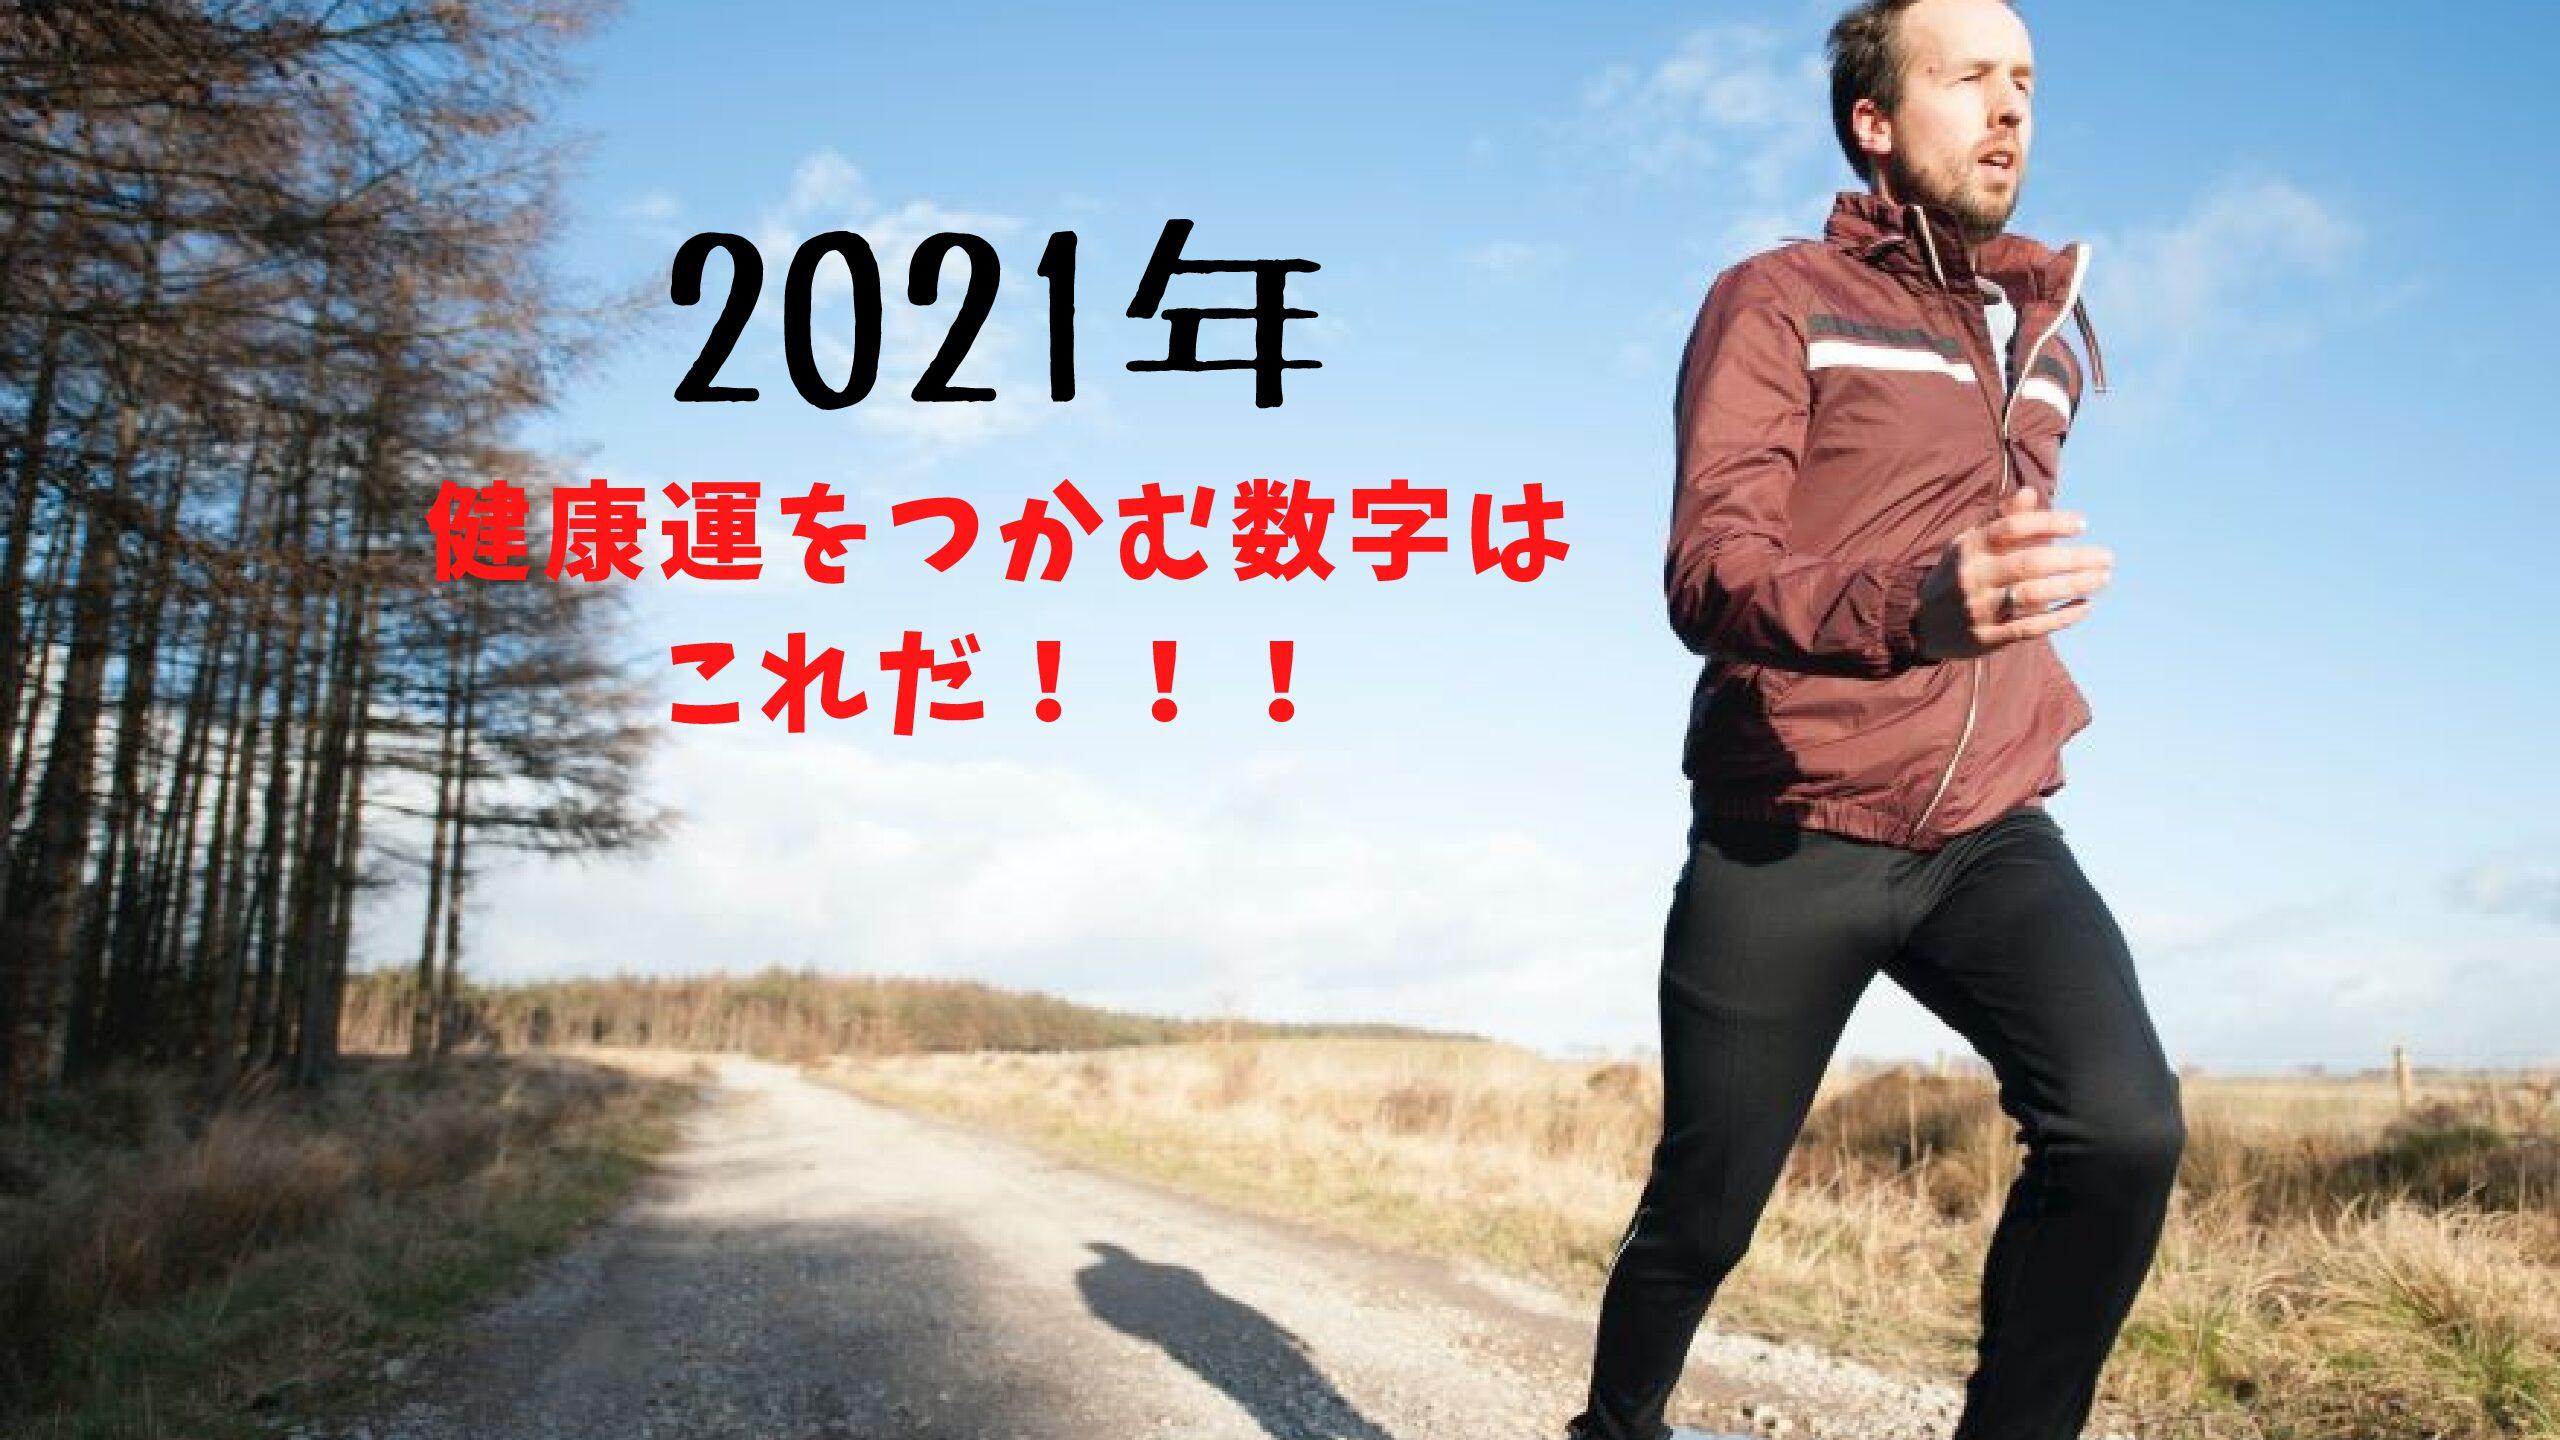 【シウマ】2021年健康運・携帯番号下4桁数字占い【開運】